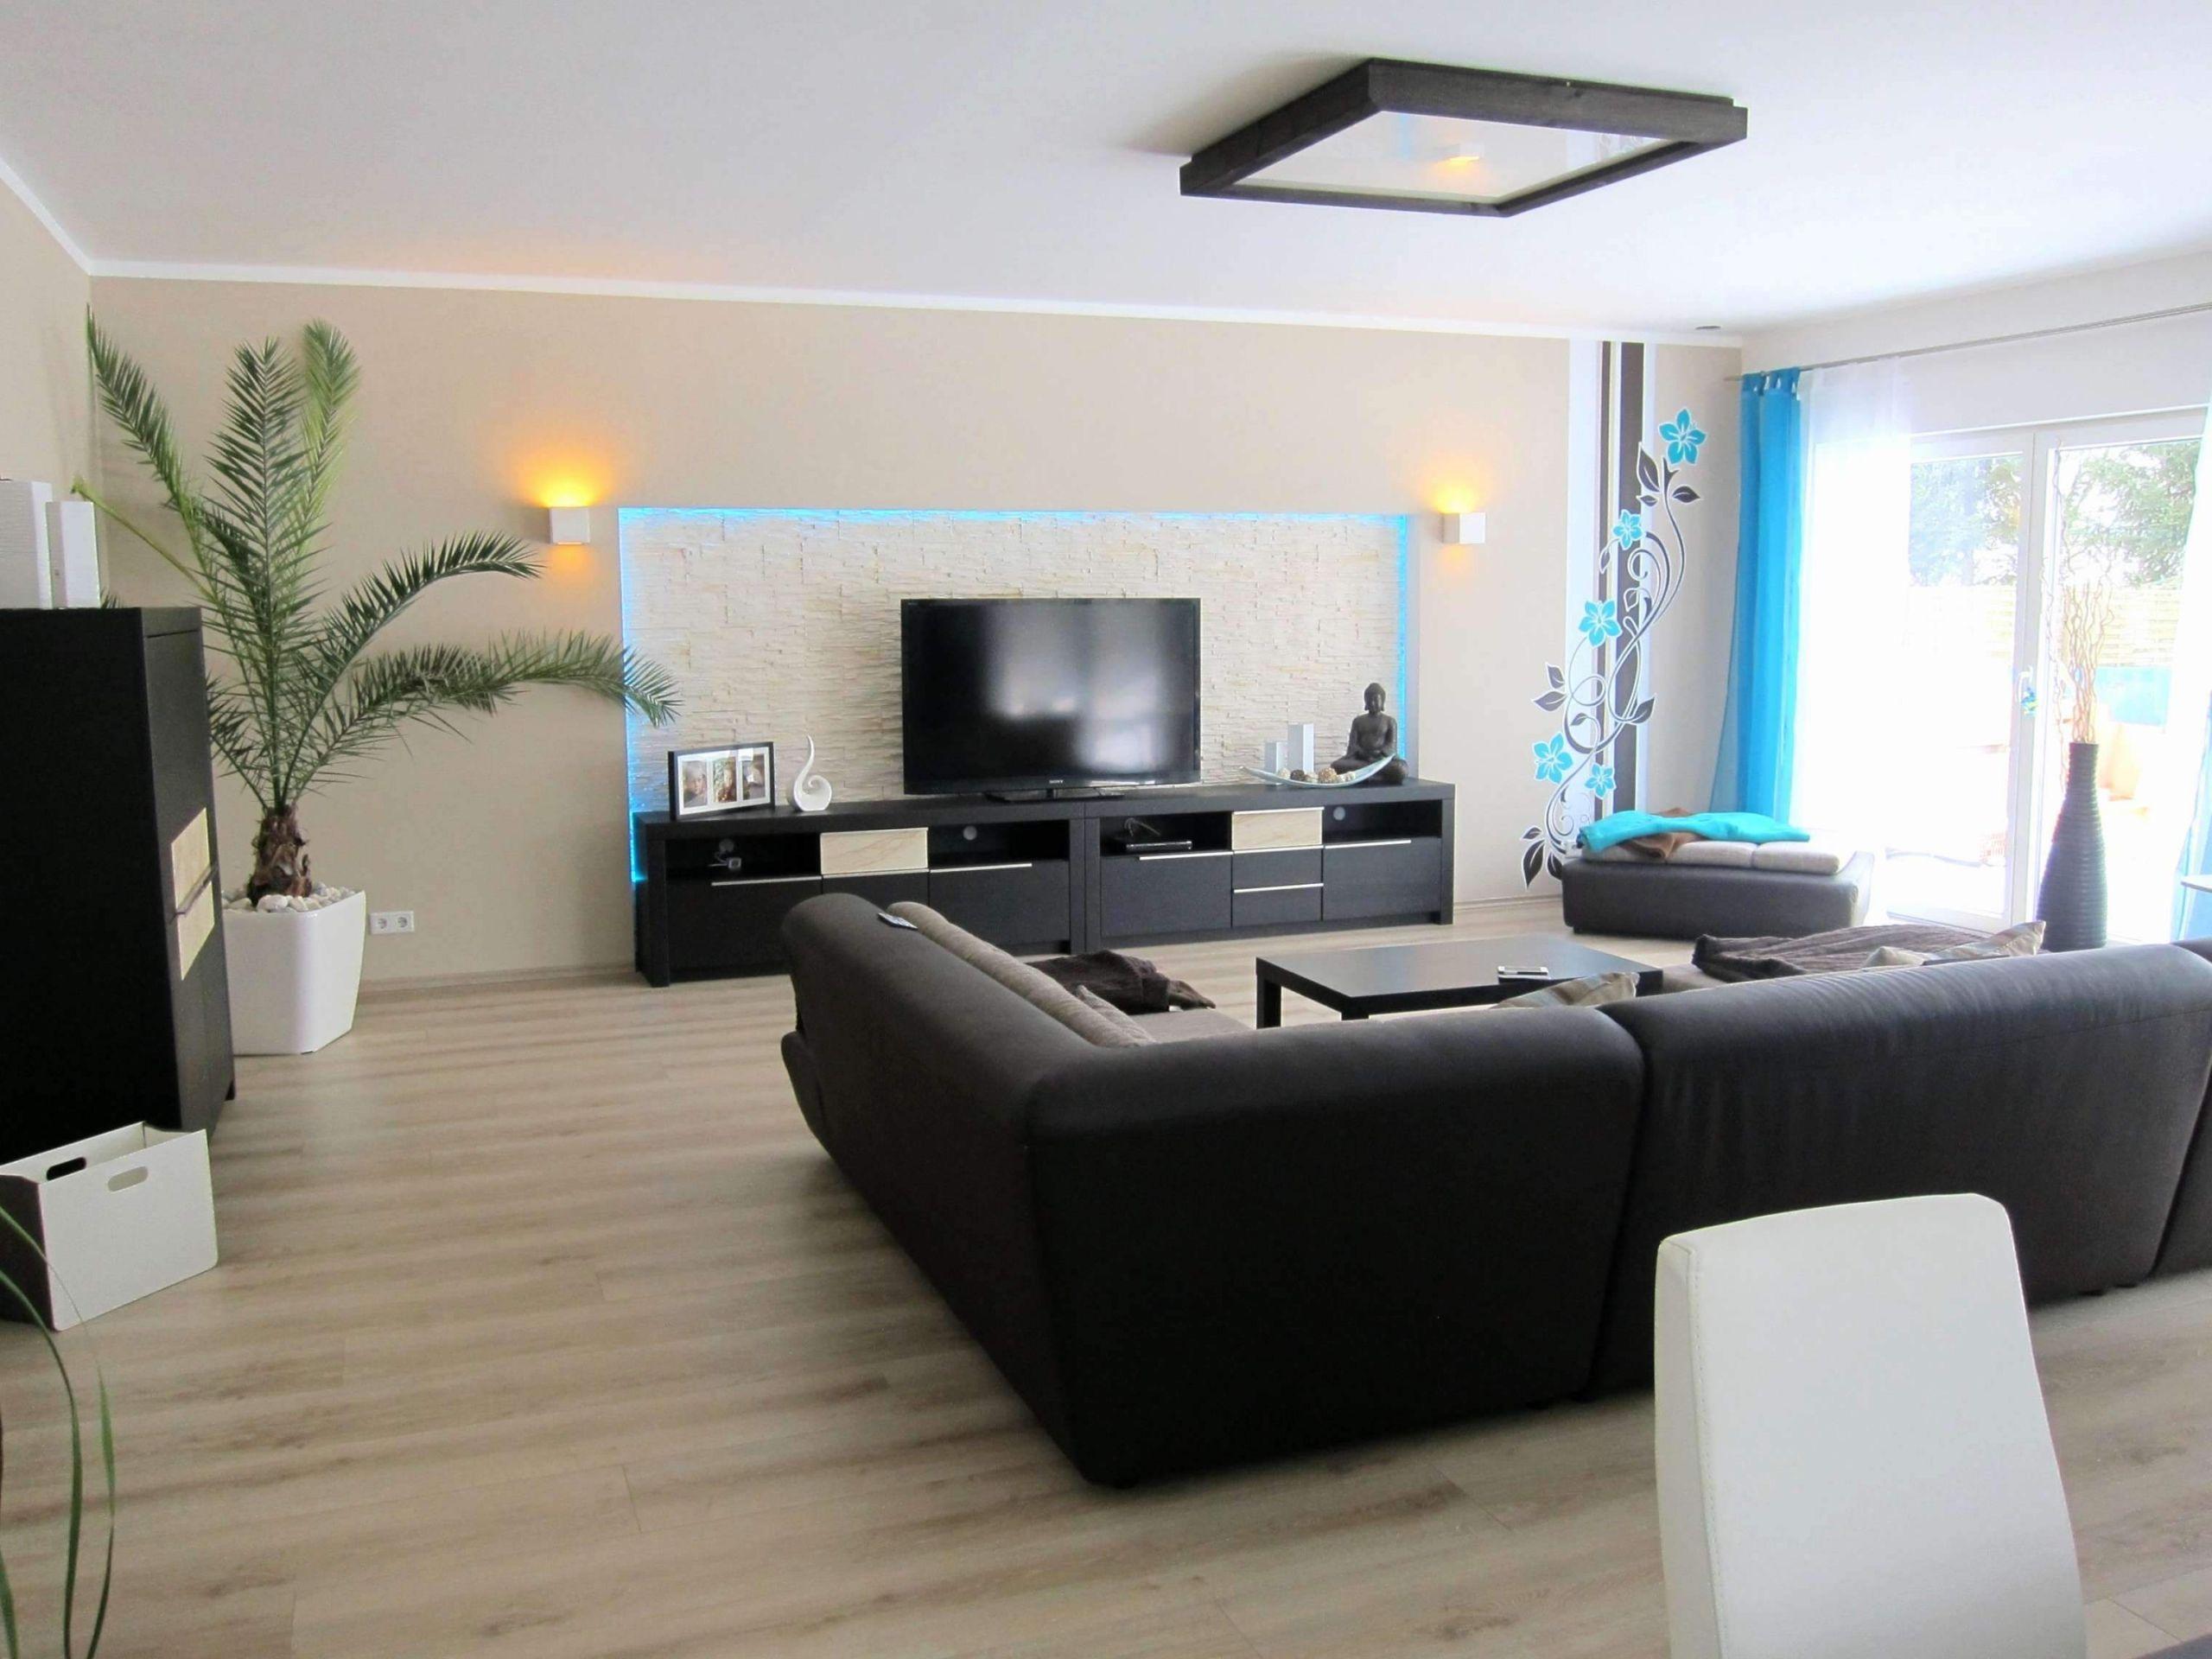 wohnzimmer gestalten tipps frisch wohnzimmer gestalten ideen elegant wohnzimmer einrichten of wohnzimmer gestalten tipps